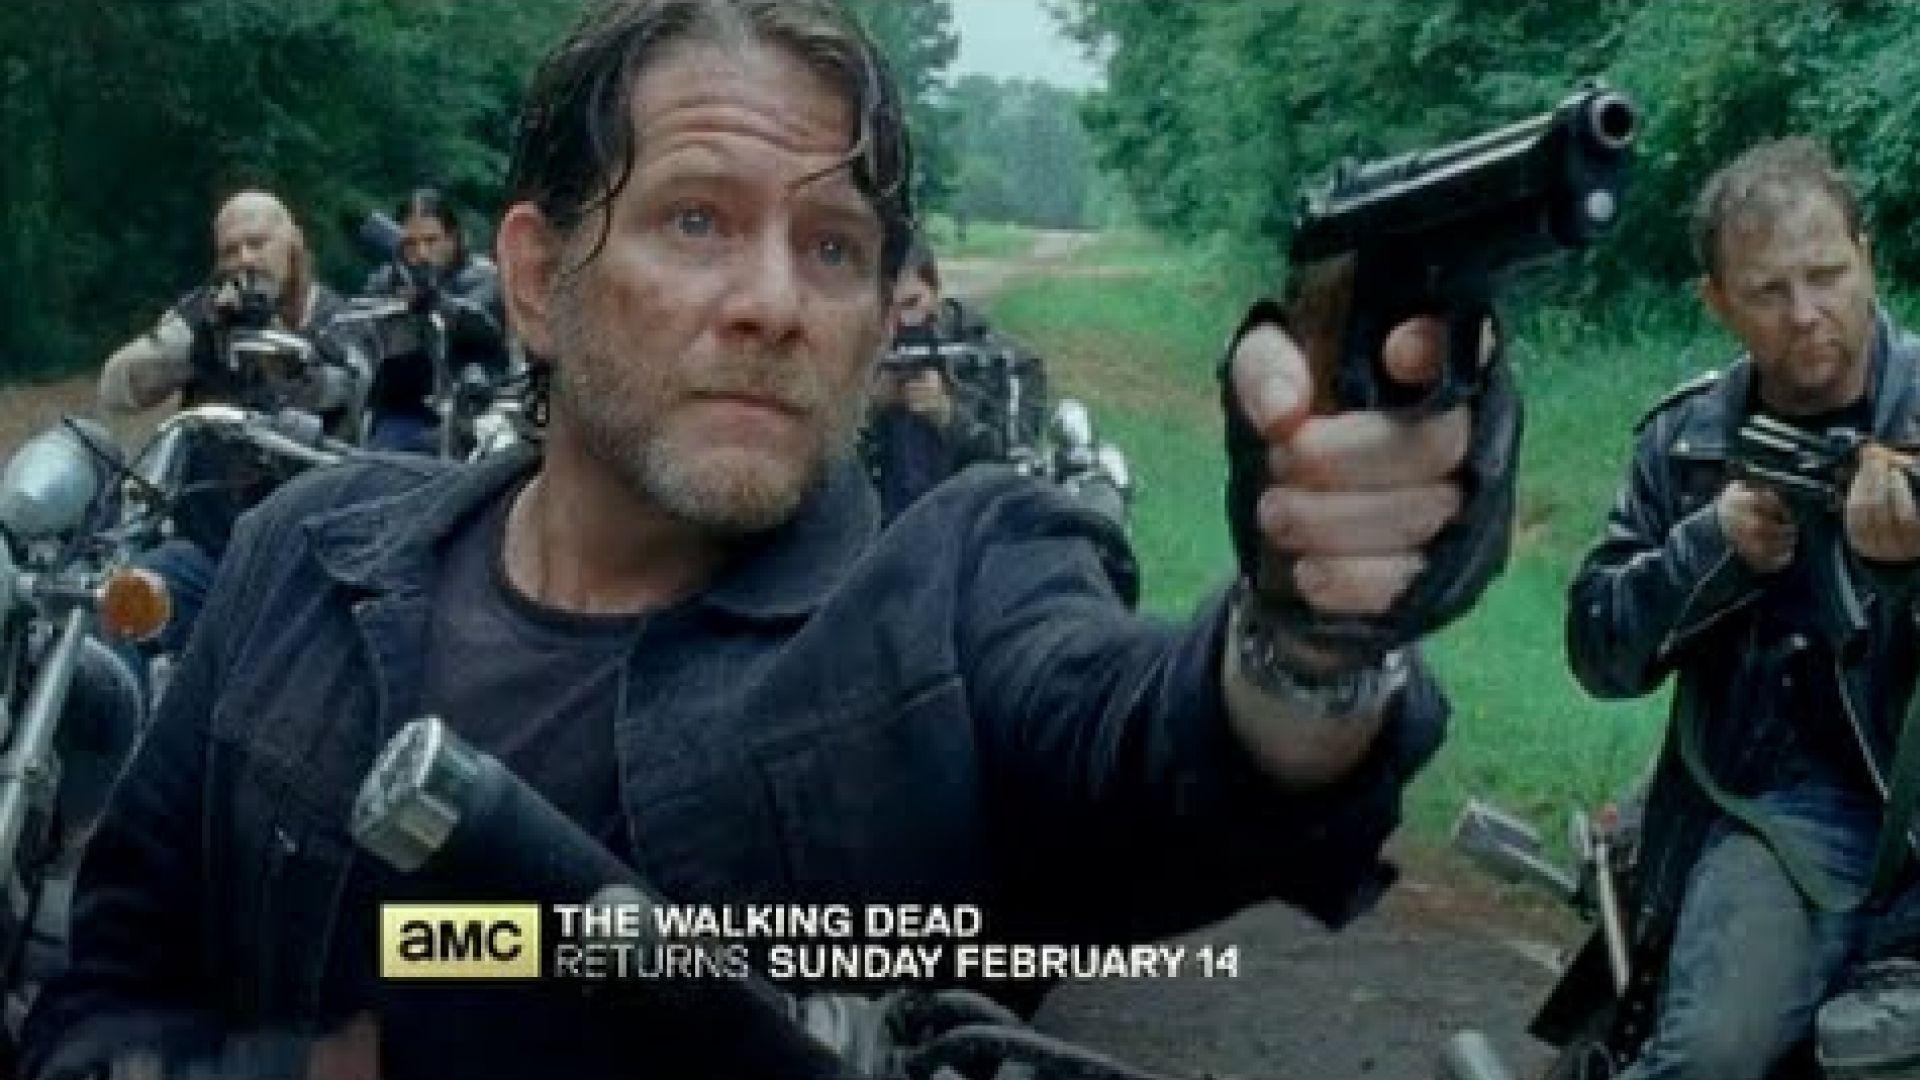 The Walking Dead: Mid-season Premiere Trailer